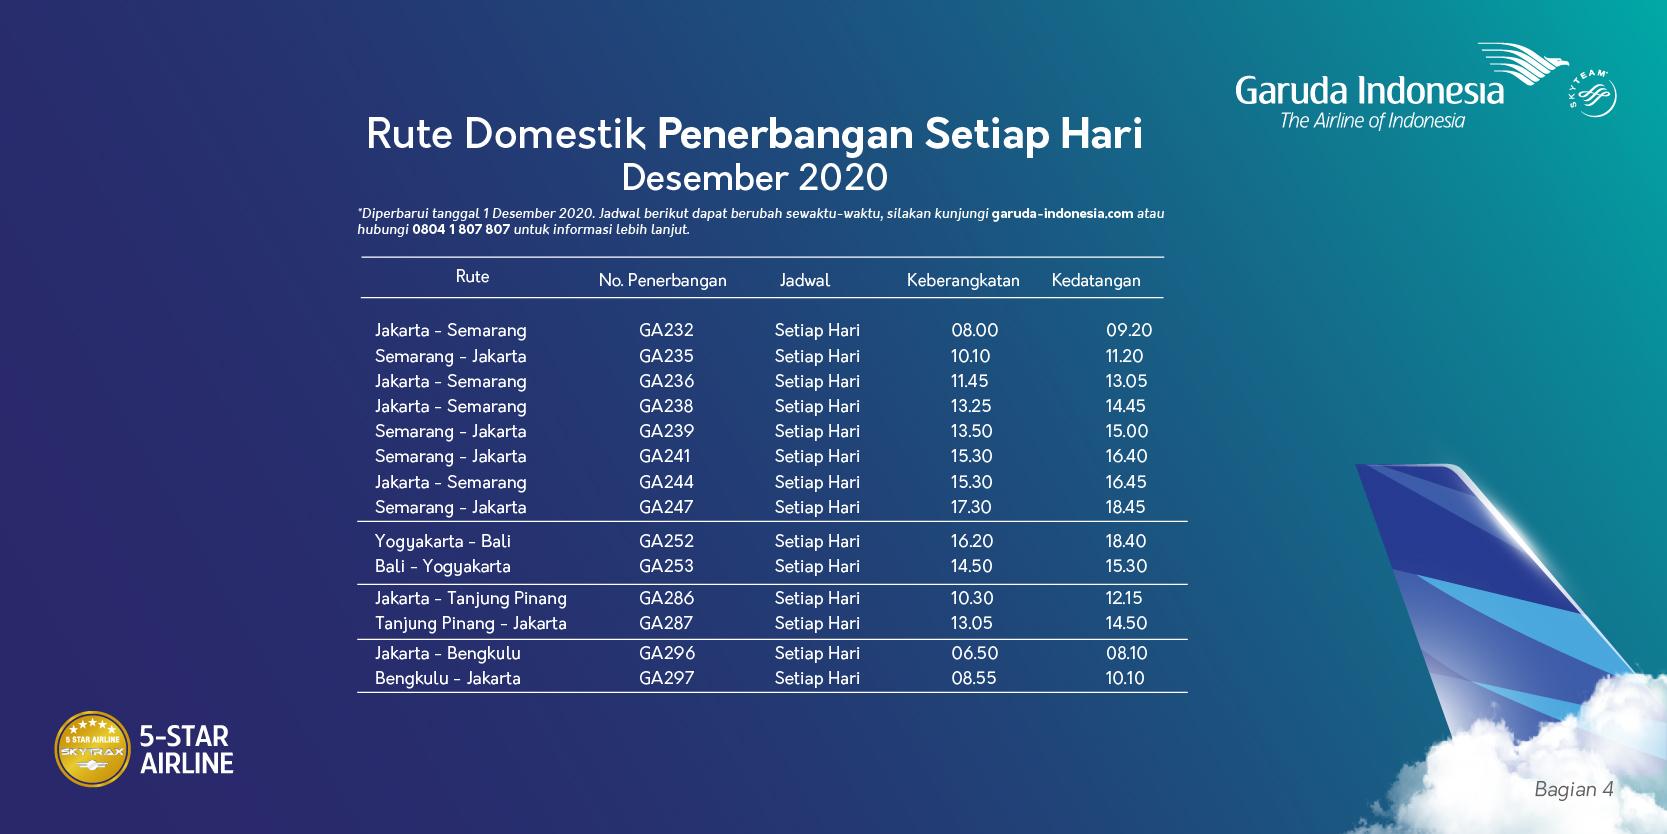 Jadwal penerbangan Garuda Indonesia rute domestik Desember 2020.